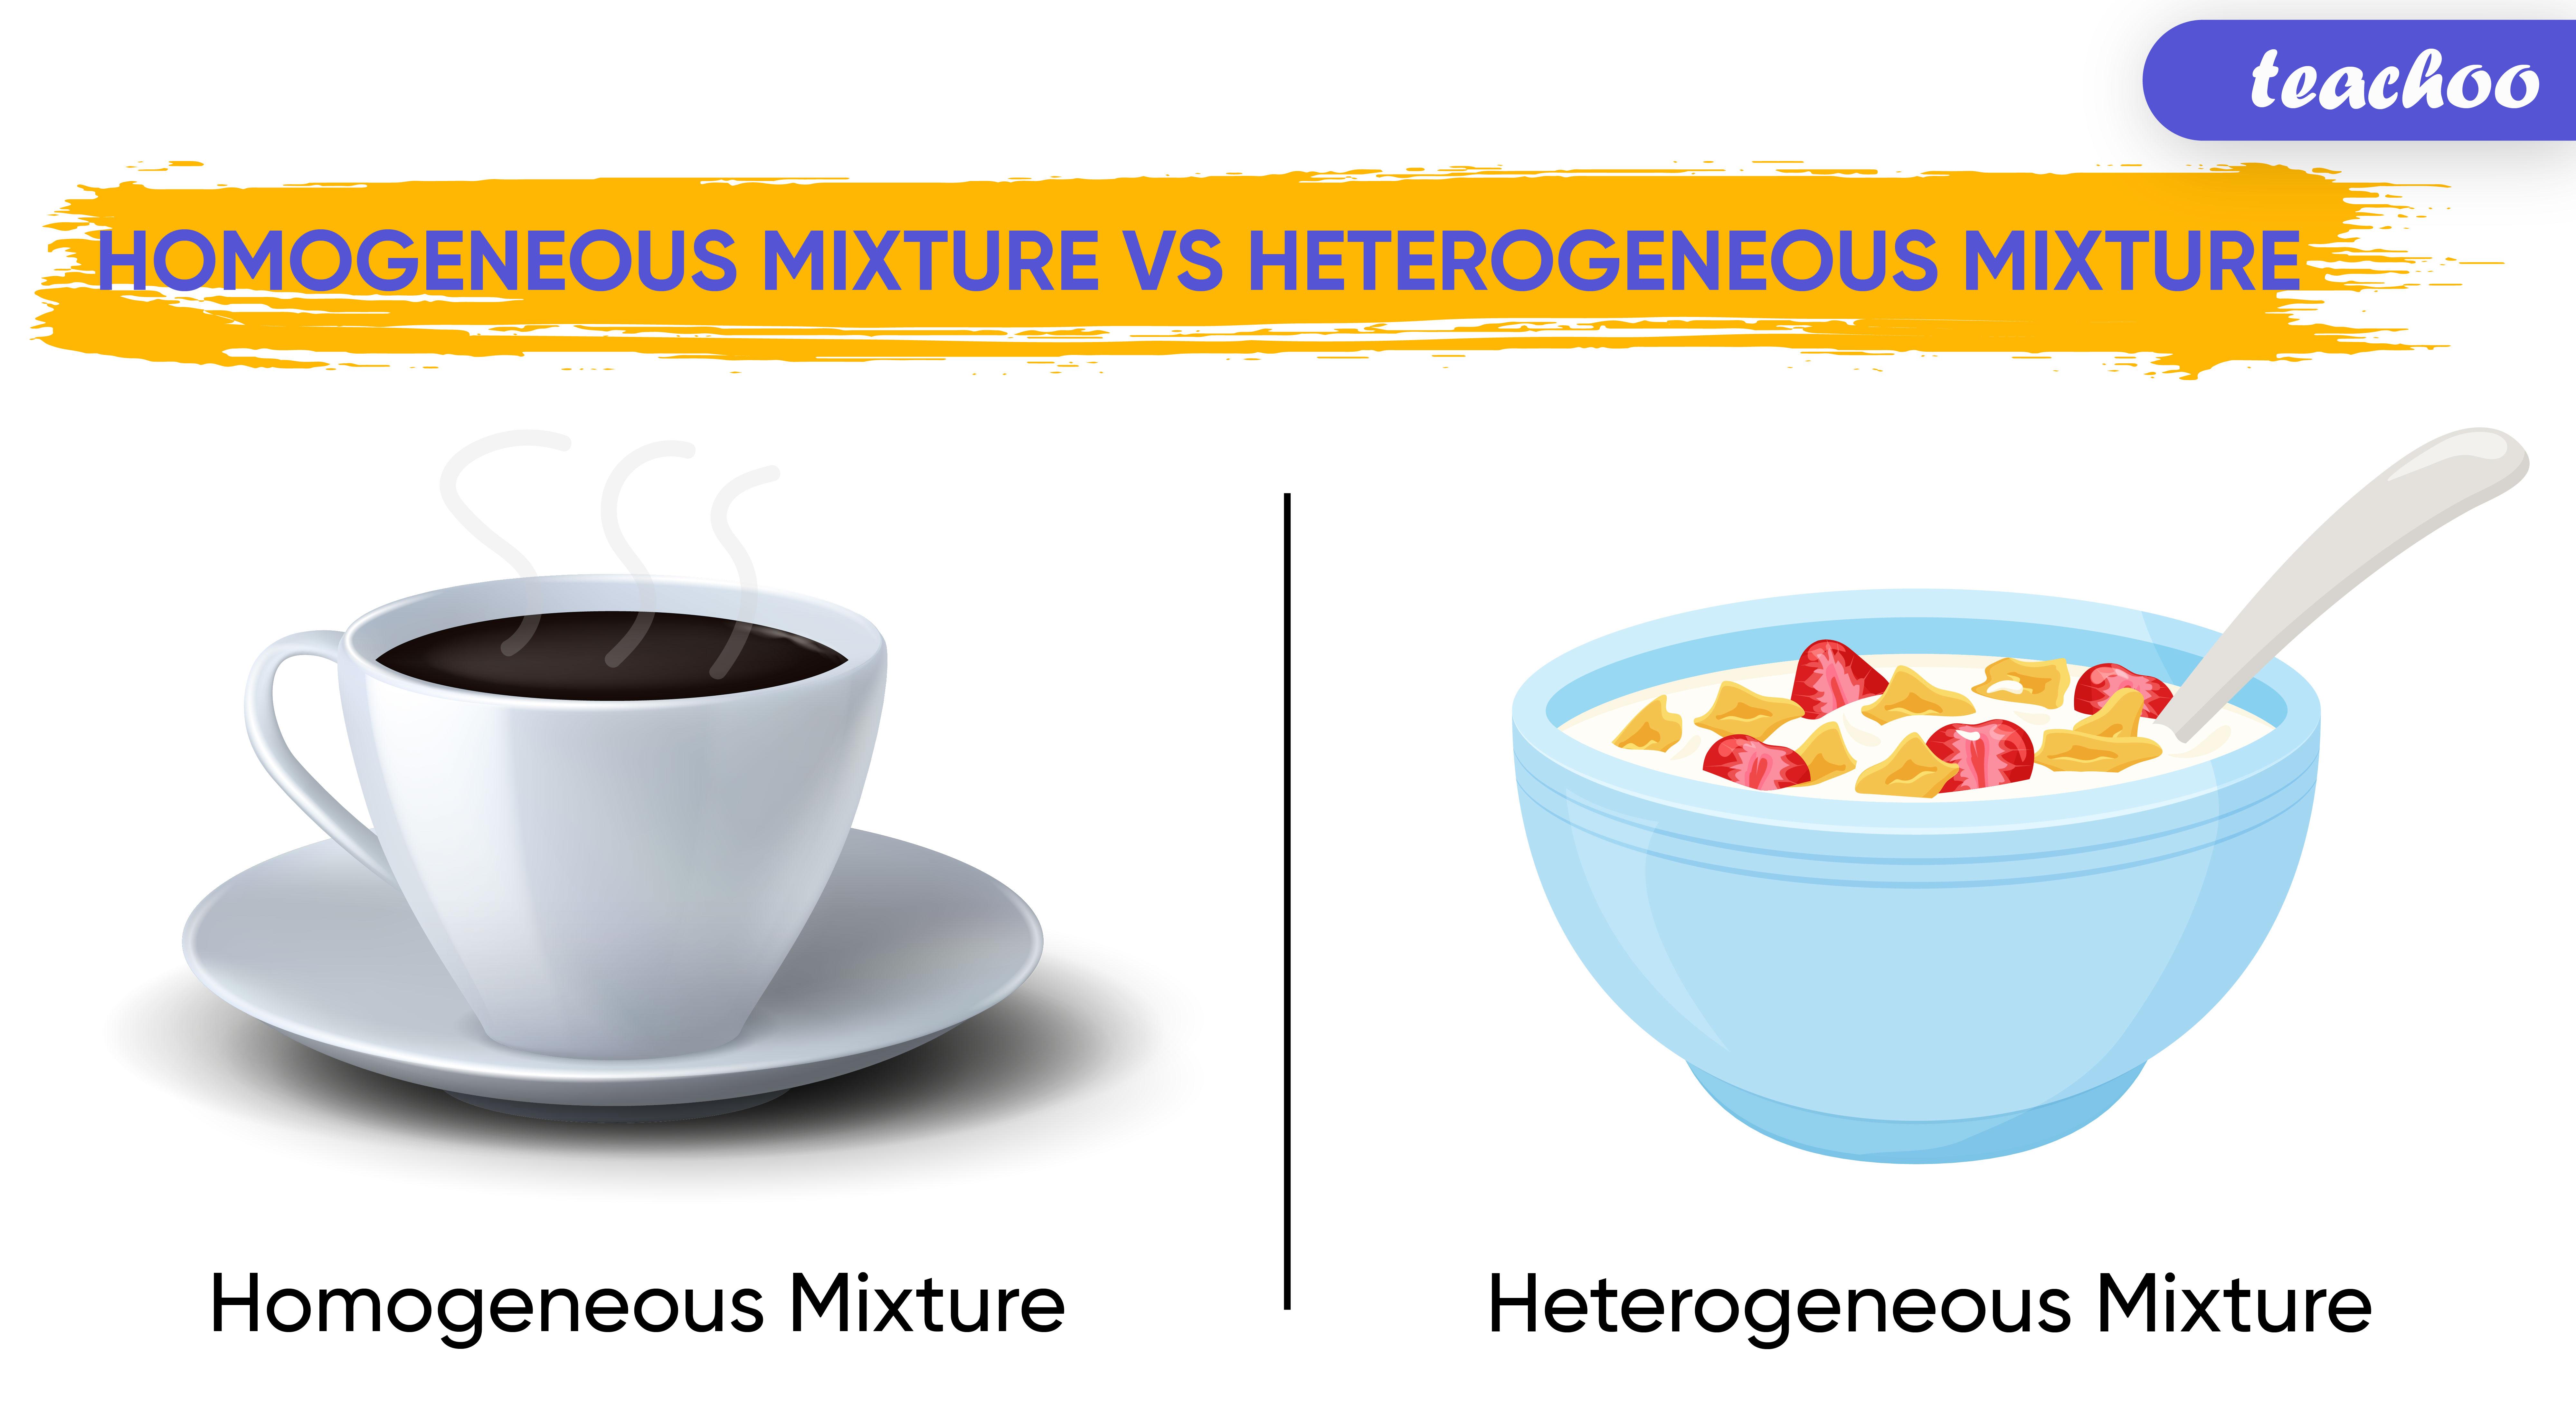 homogeneous mixture and heterogeneous mixture-01.jpg